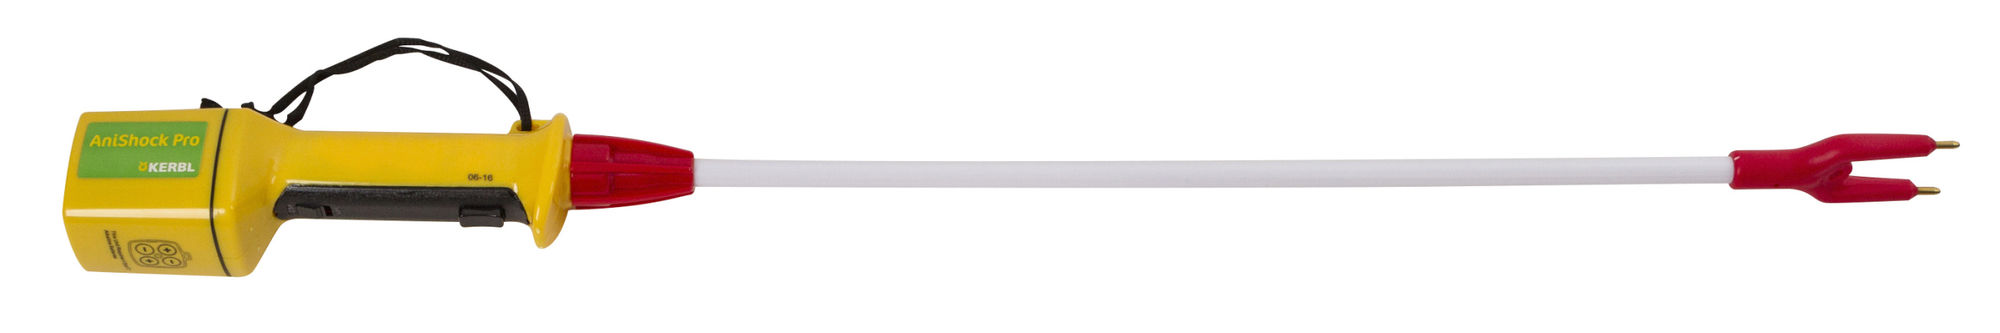 Viehtreiber AniShock Pro Mod.2000, 96cm, gelb